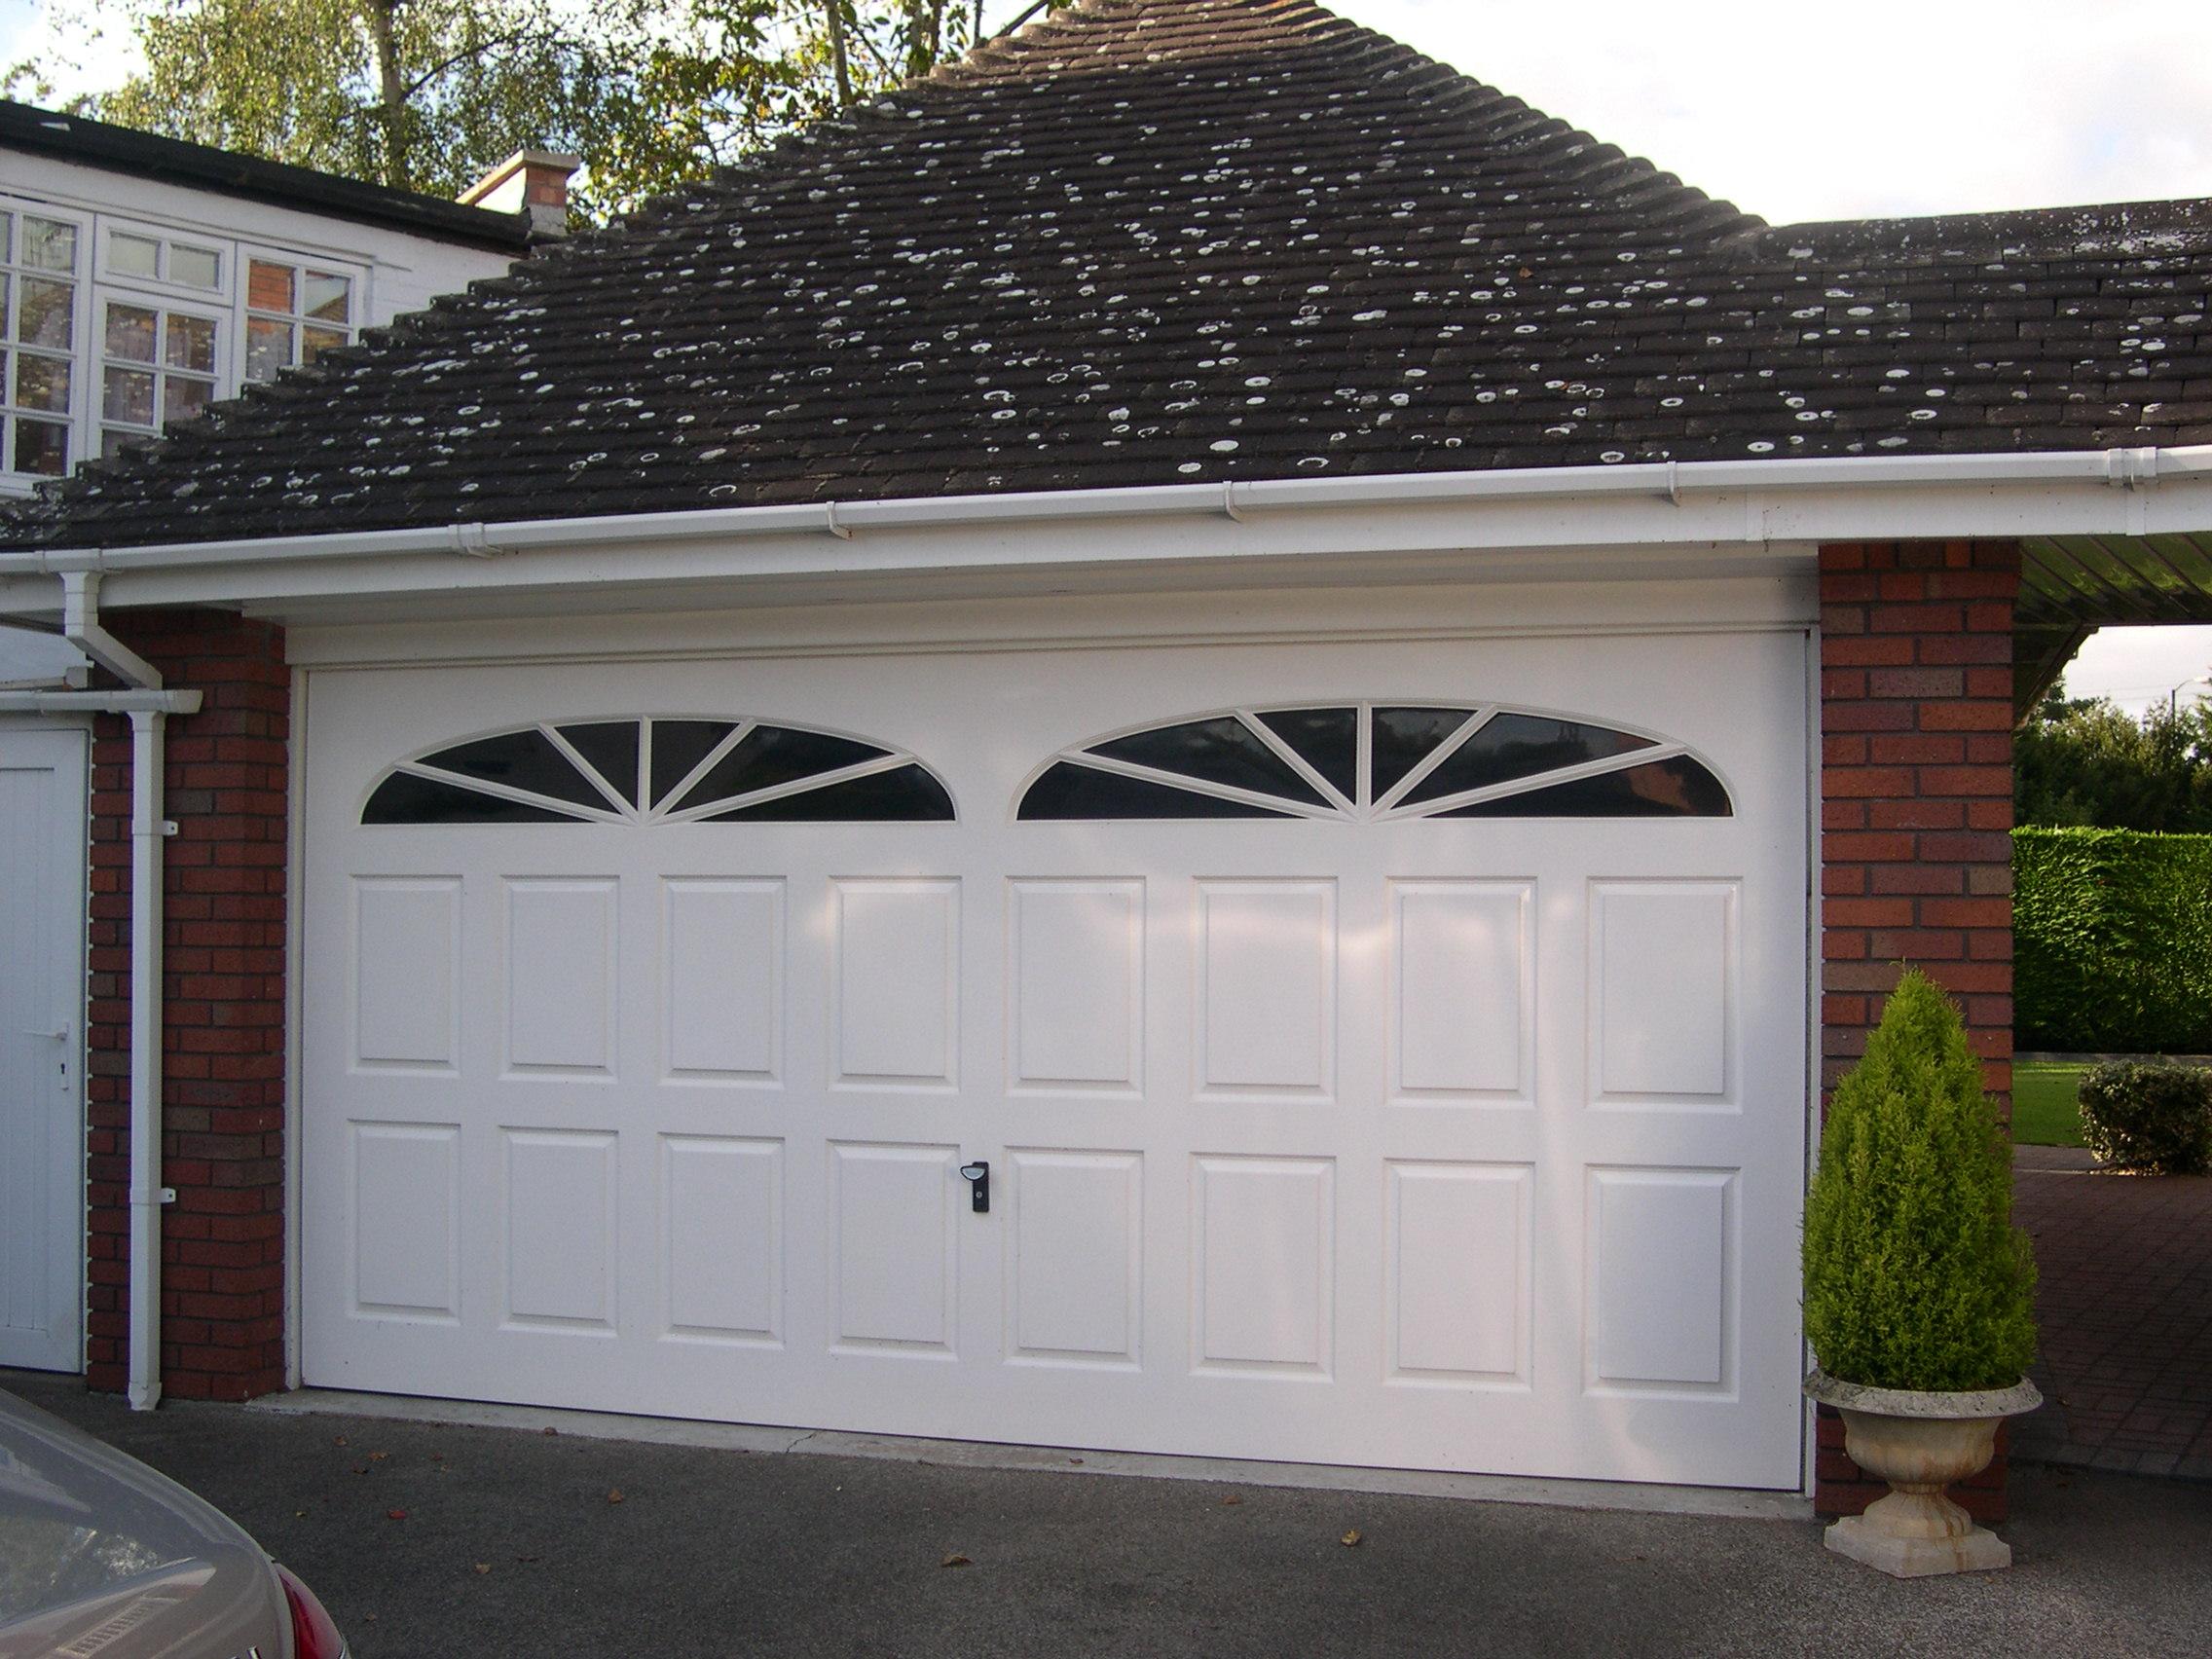 1704 #5C463C Gallery Qualfit Garage Doors picture/photo Gallery Garage Doors 35892272